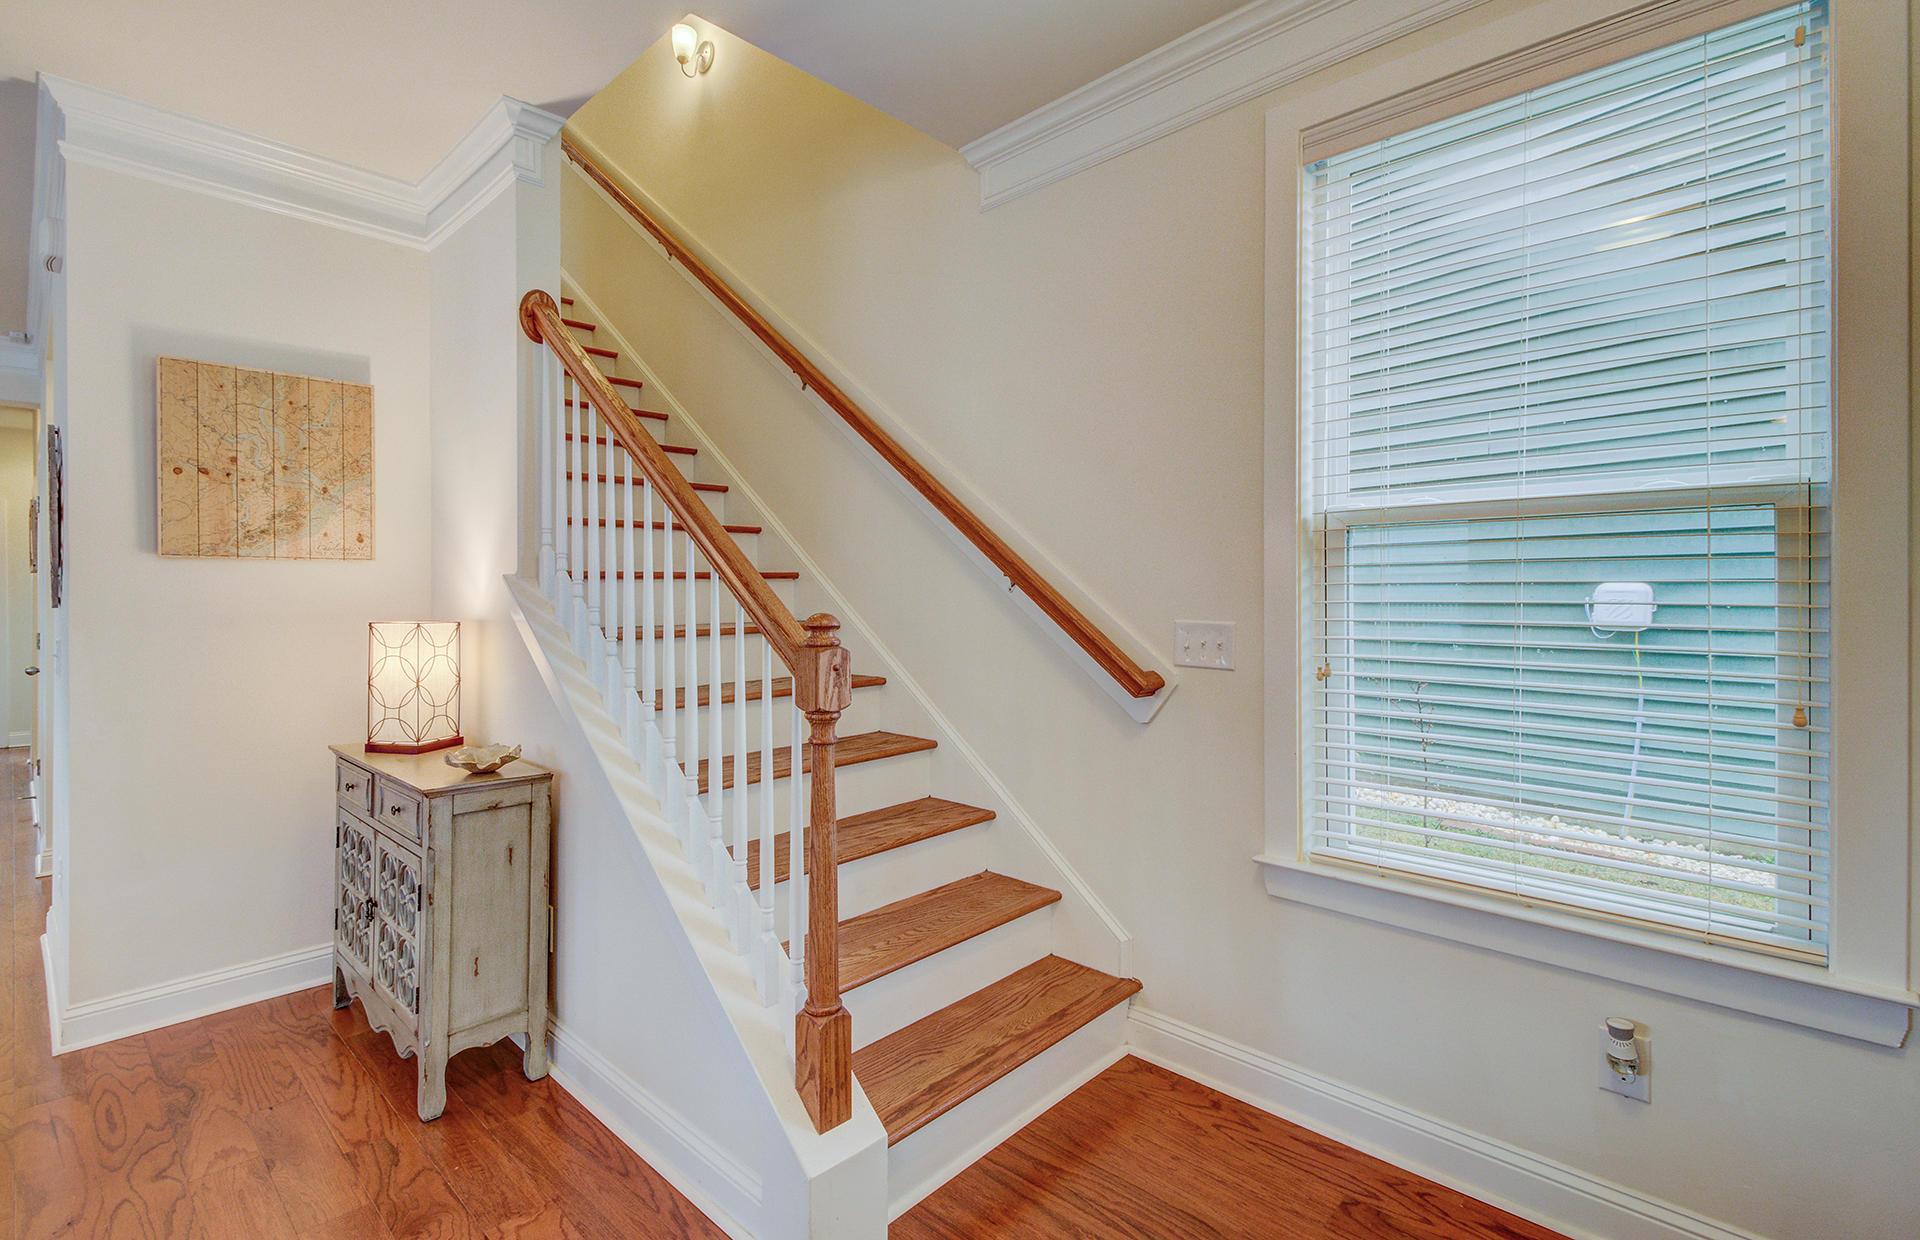 Boltons Landing Homes For Sale - 3143 Moonlight, Charleston, SC - 18